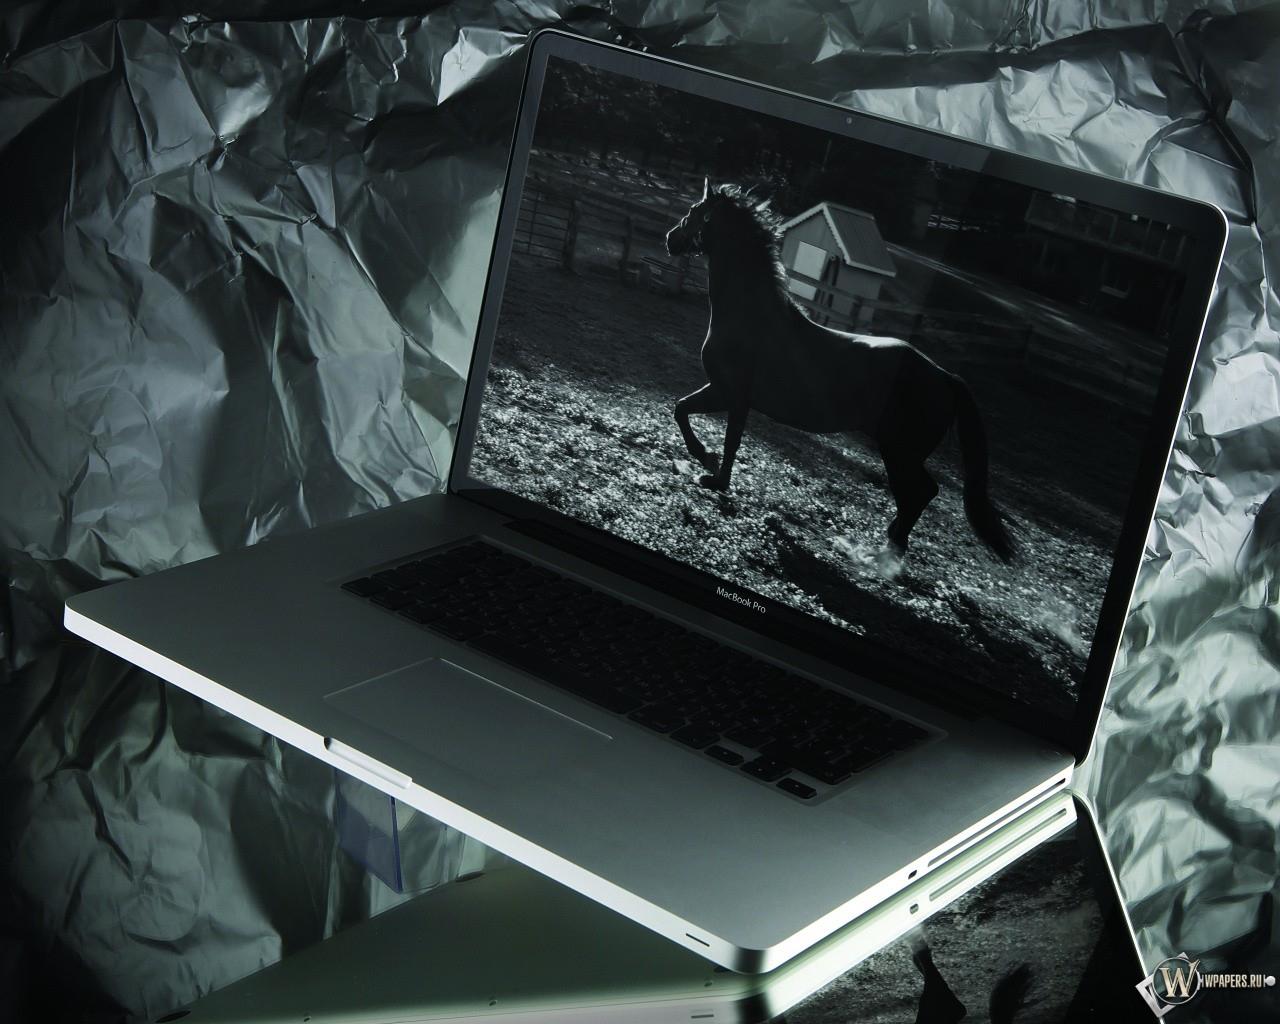 MacBook Pro 1280x1024